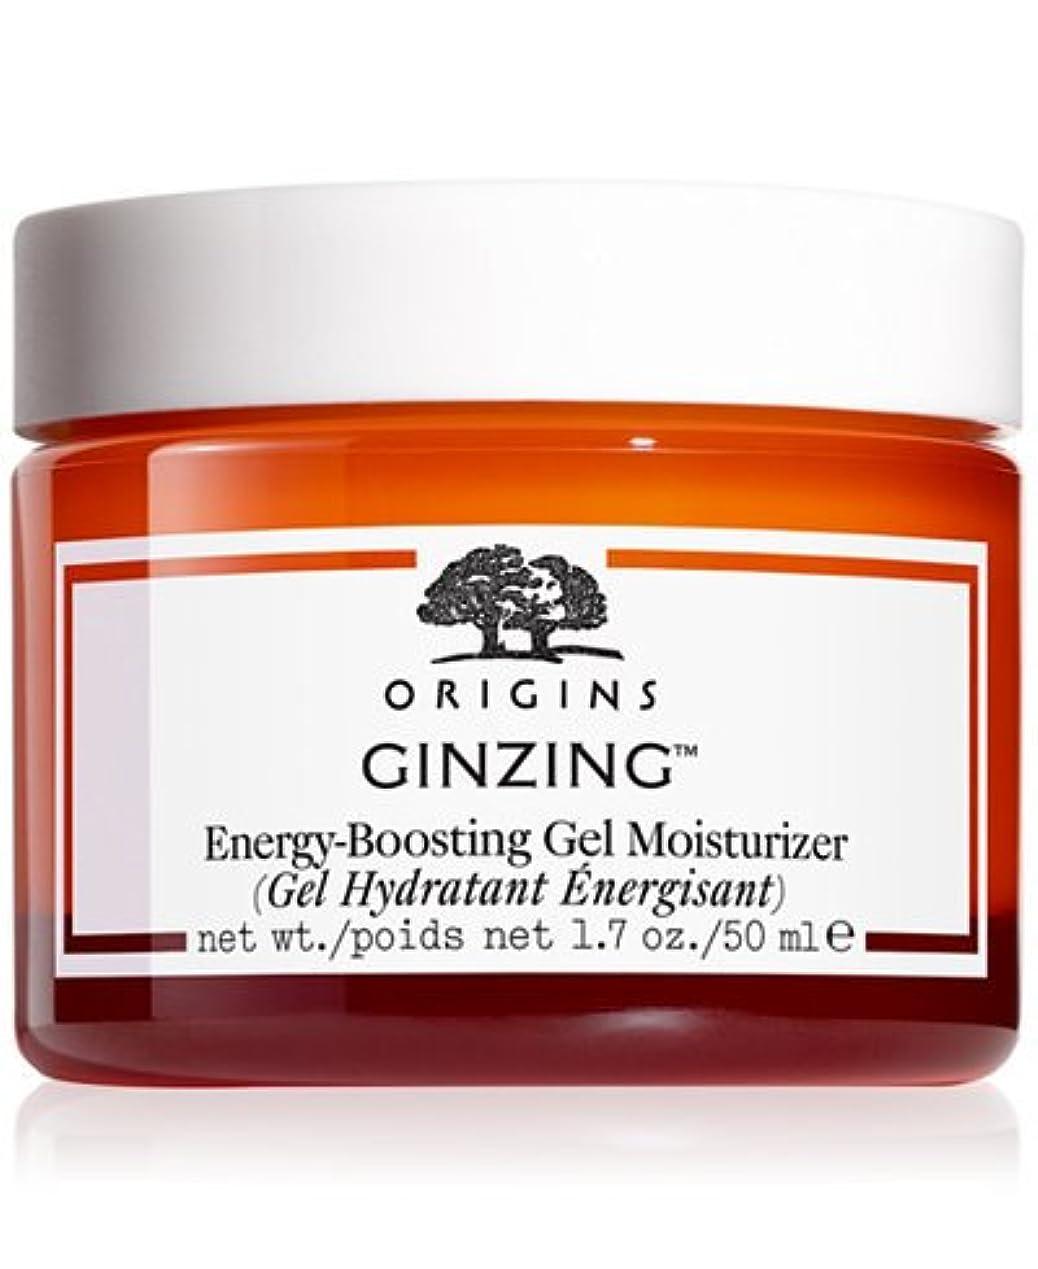 ピニオン分子プロフィールOrigins GinZing™ Energy-Boosting Moisturizer (オリジンズ ギンジング エナジー ブースティング モイスチャライザー) 1.7 oz (50ml) for Women